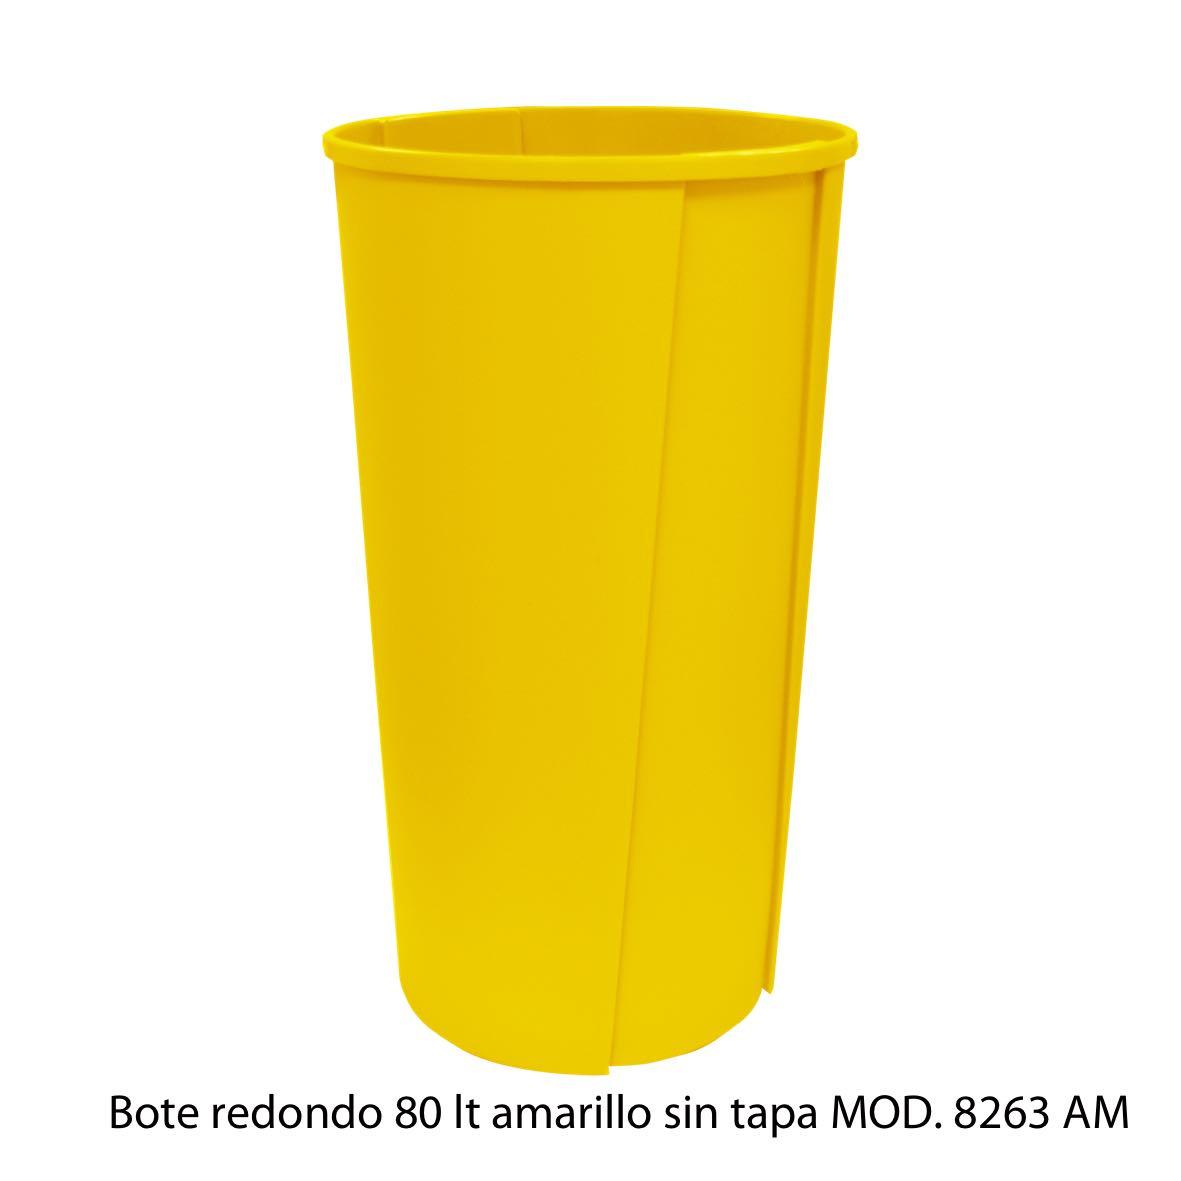 Bote de basura redondo sin tapa de 80 litros amarillo modelo 8263 AM Sablón